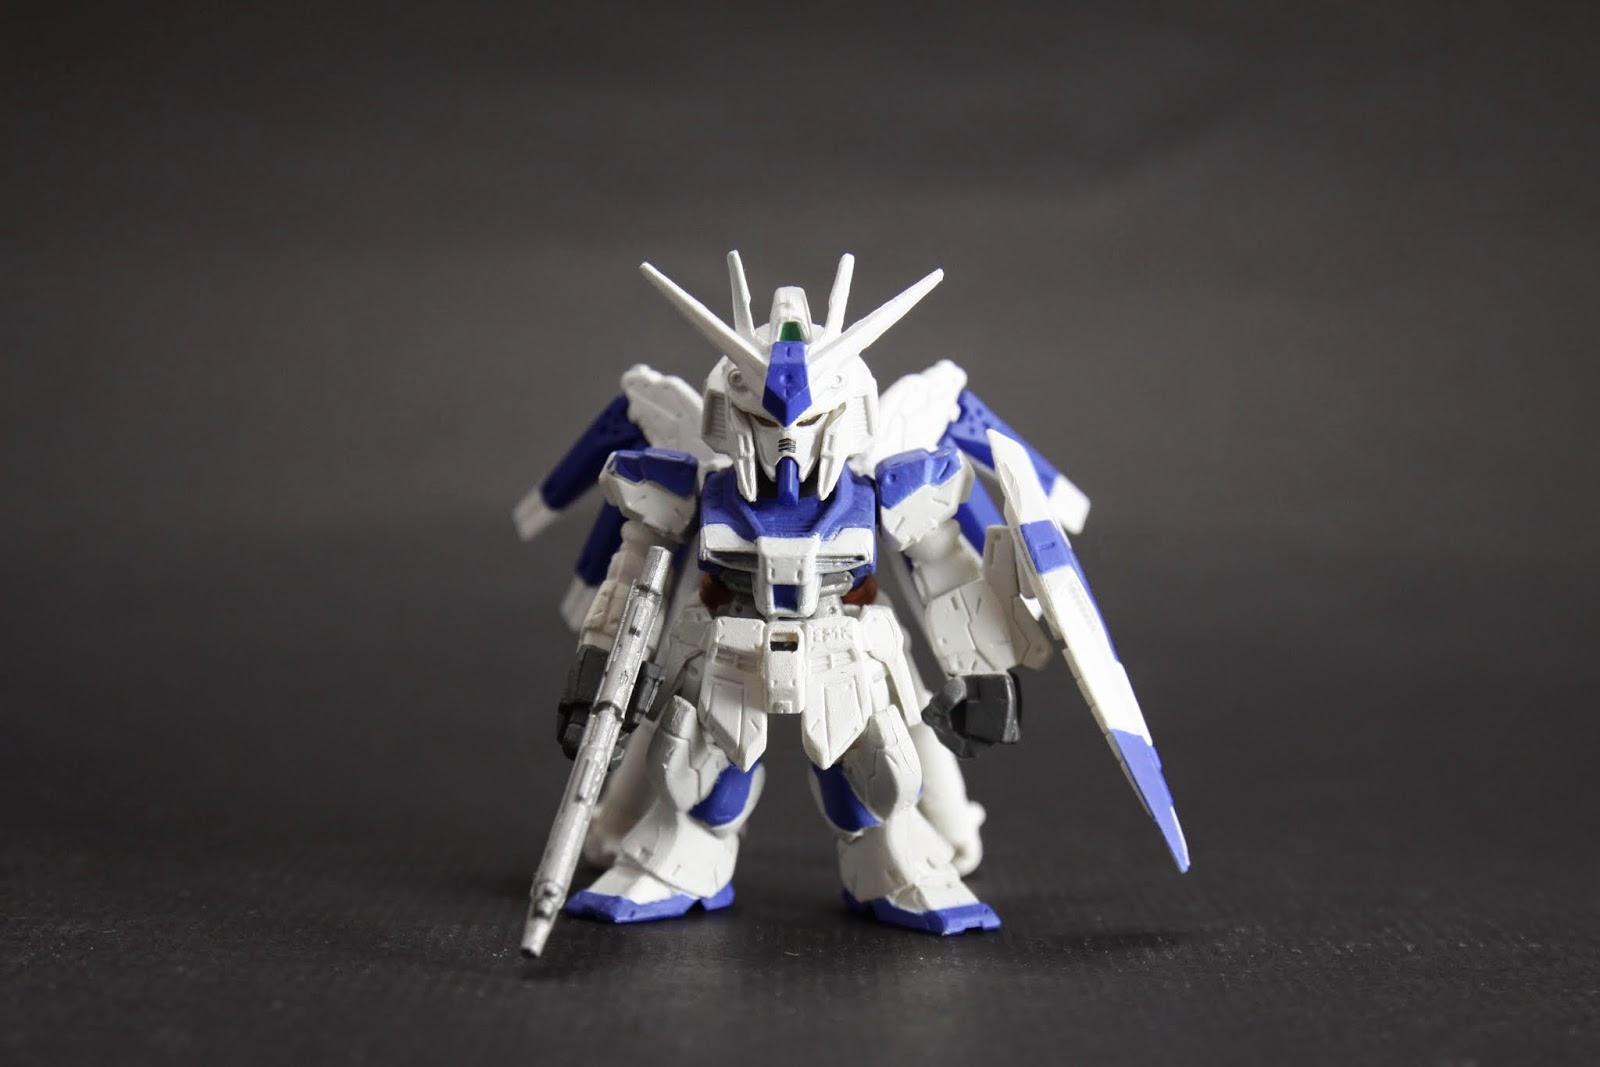 不過造型是MG修飾過的纖細版